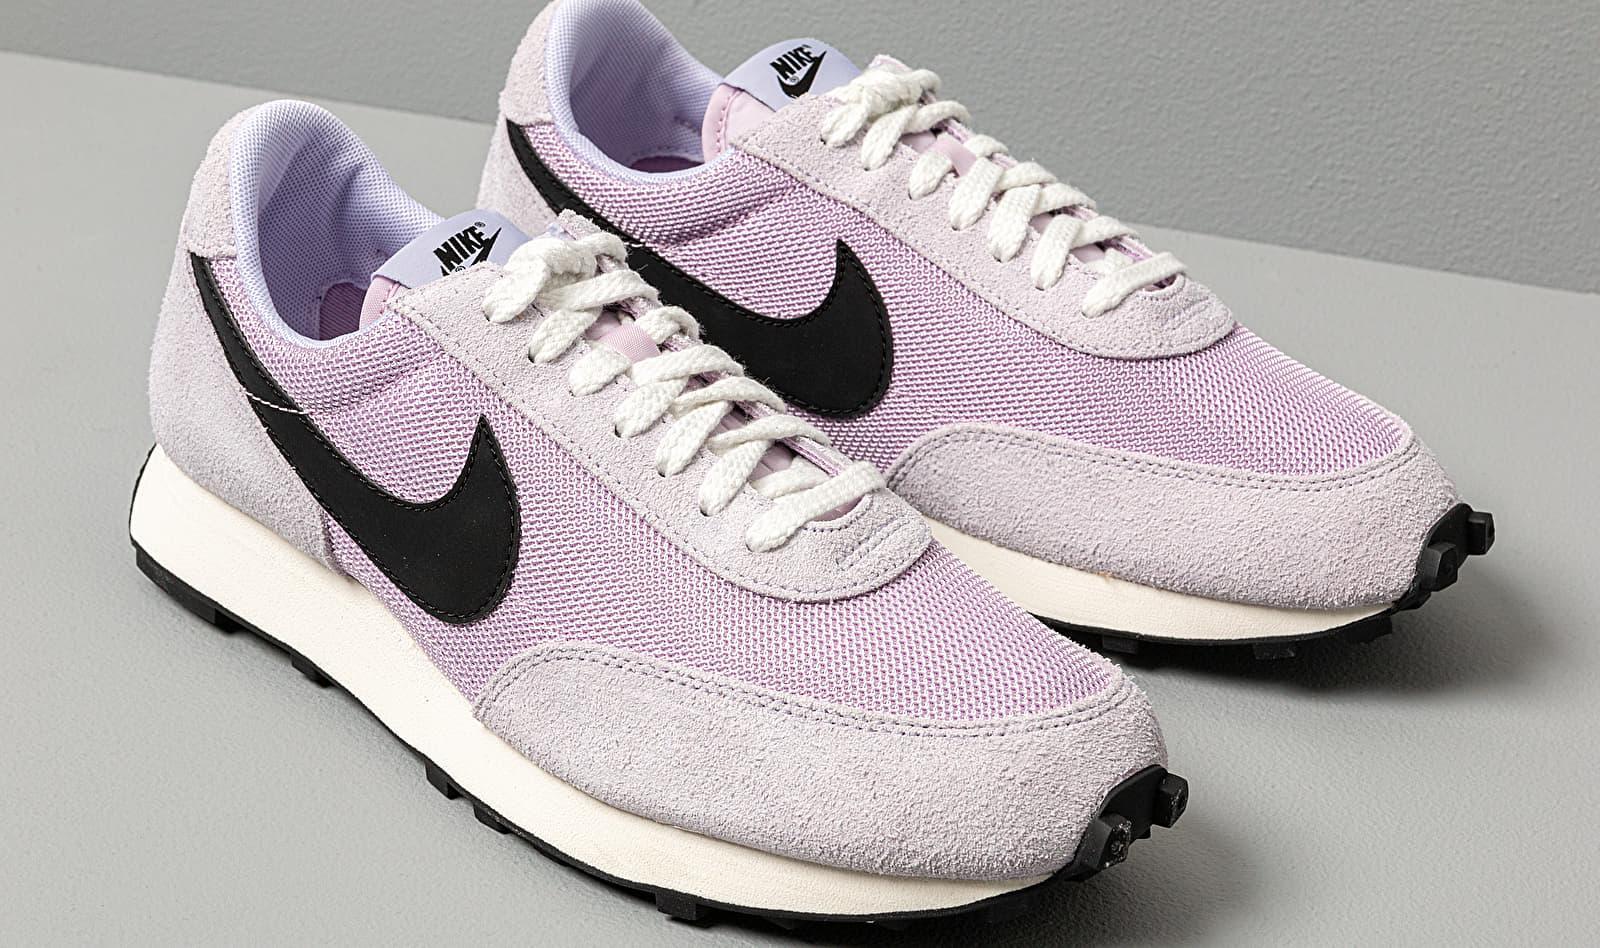 Daybreak SP Lavender Mist/ Black-Lilac Mist Nike pour homme